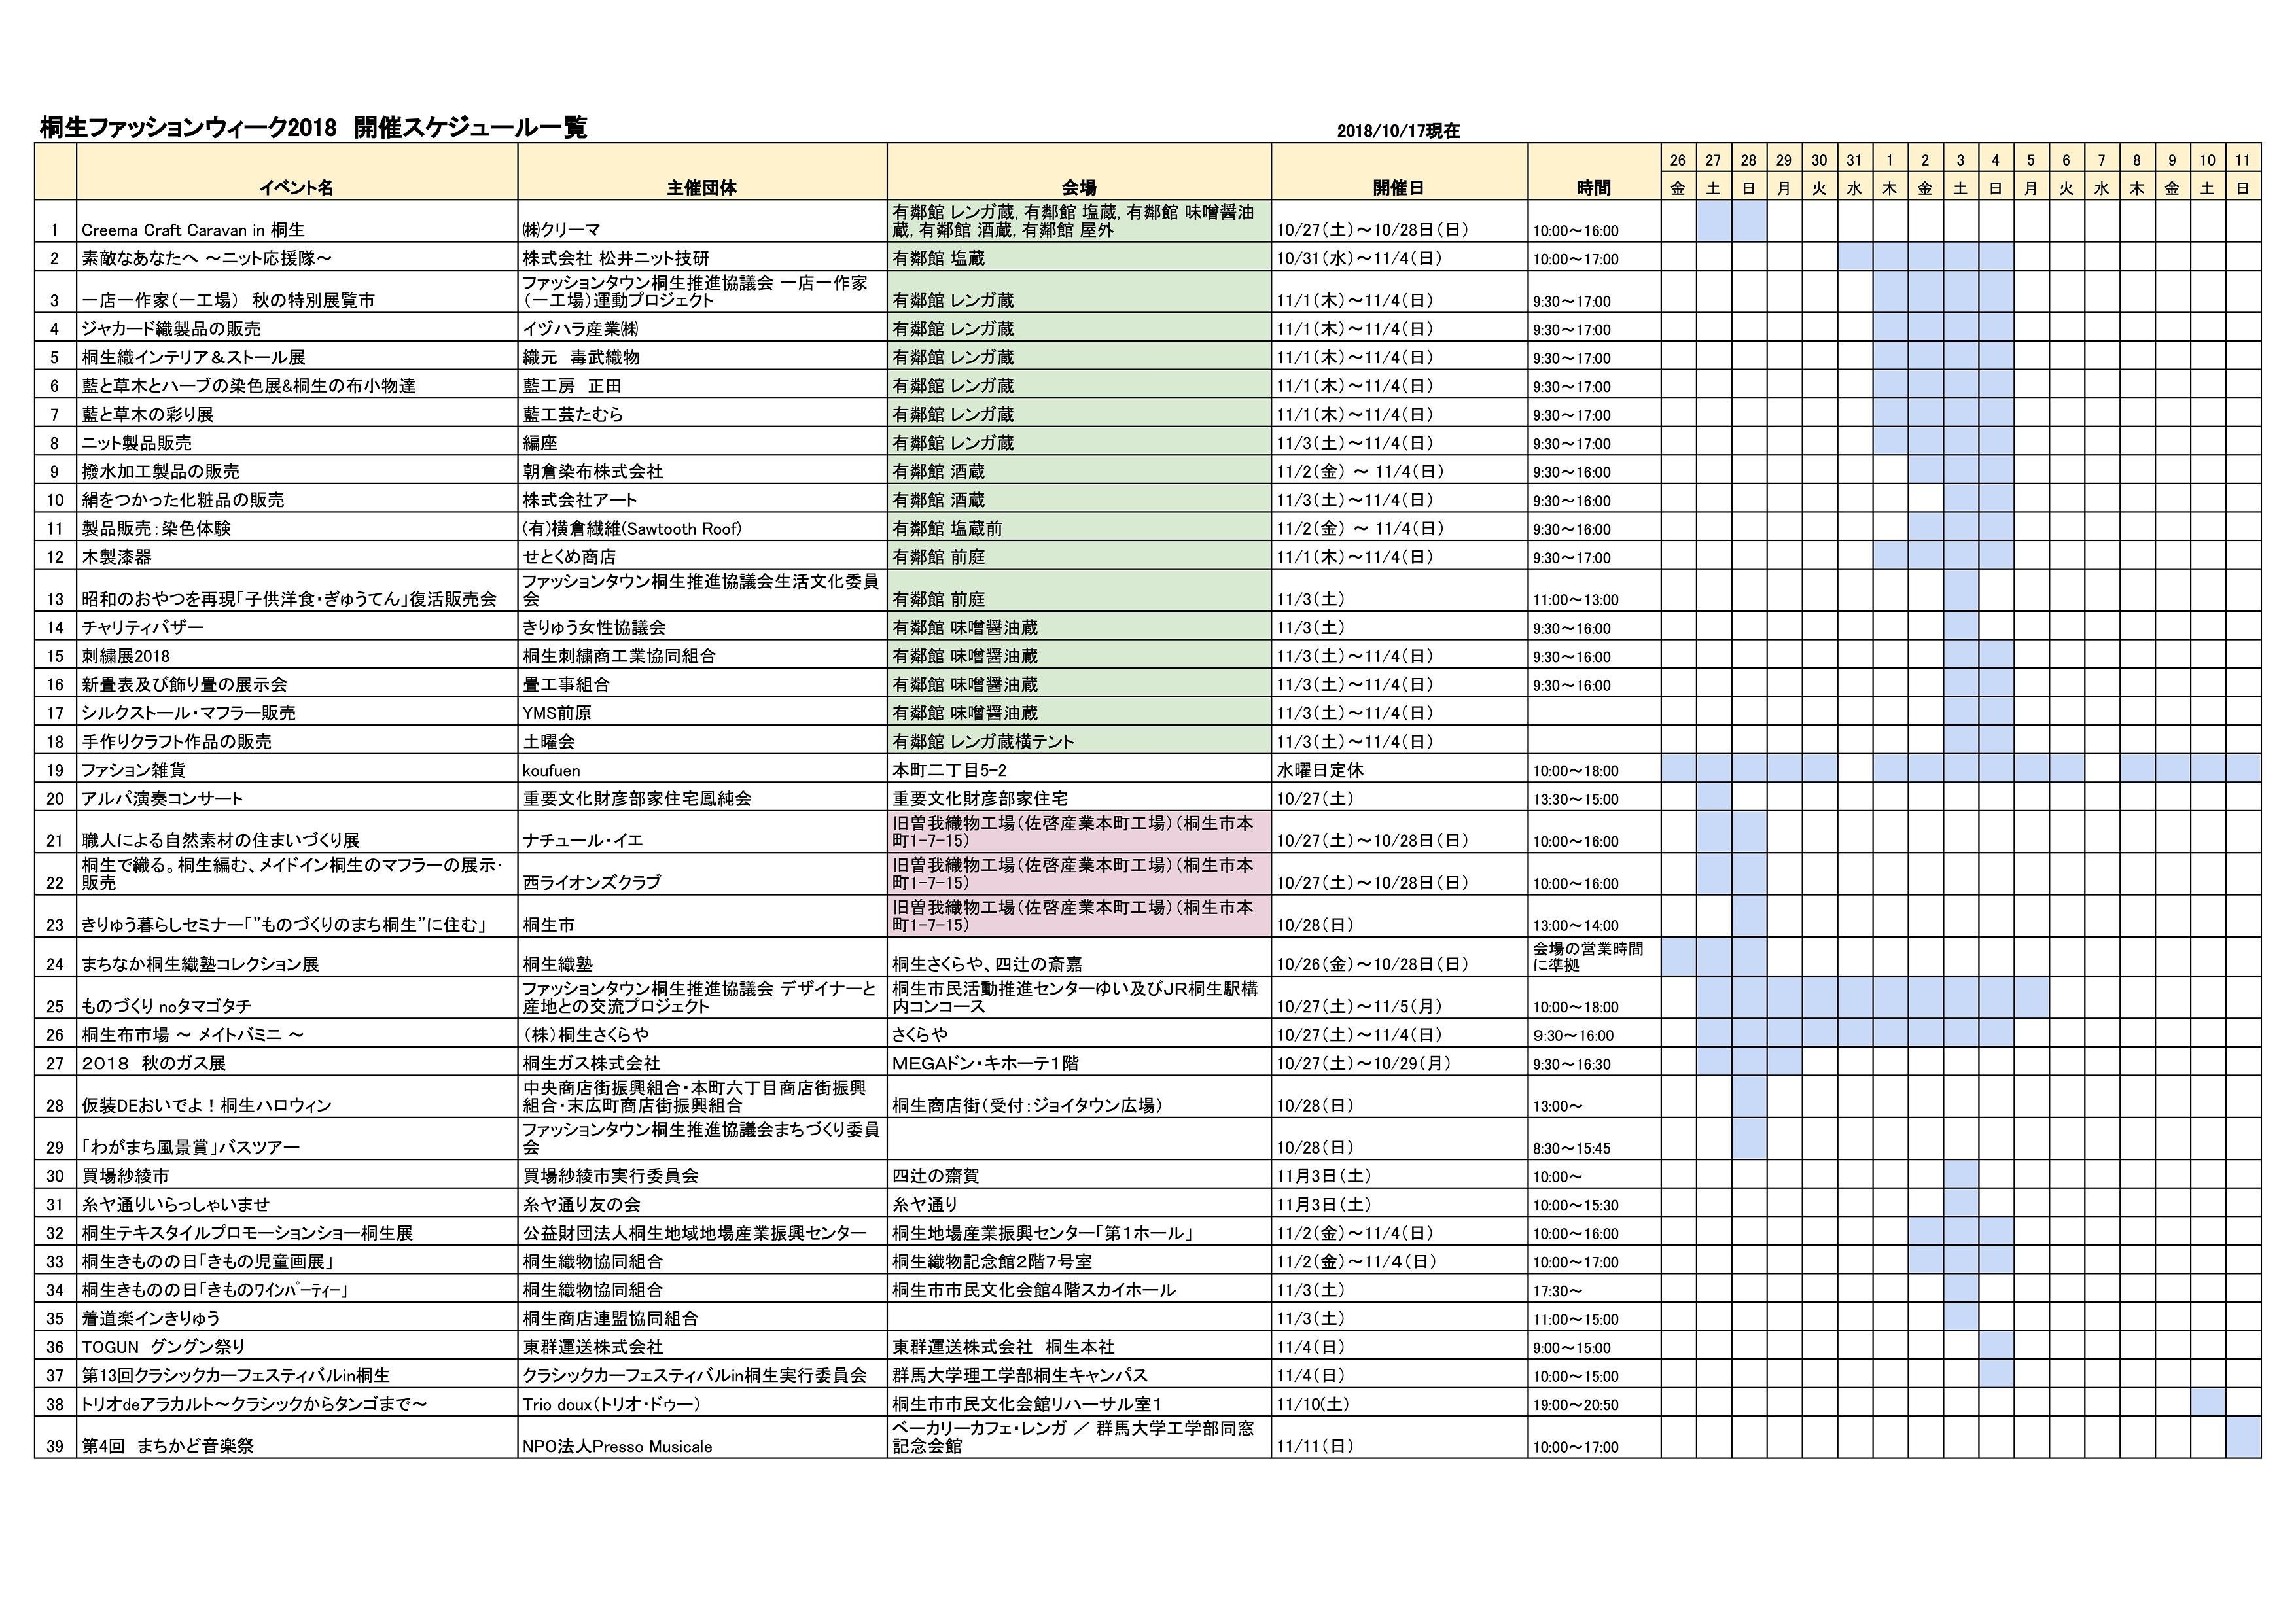 第22回桐生ファッションウィーク 開催スケジュール一覧 1026